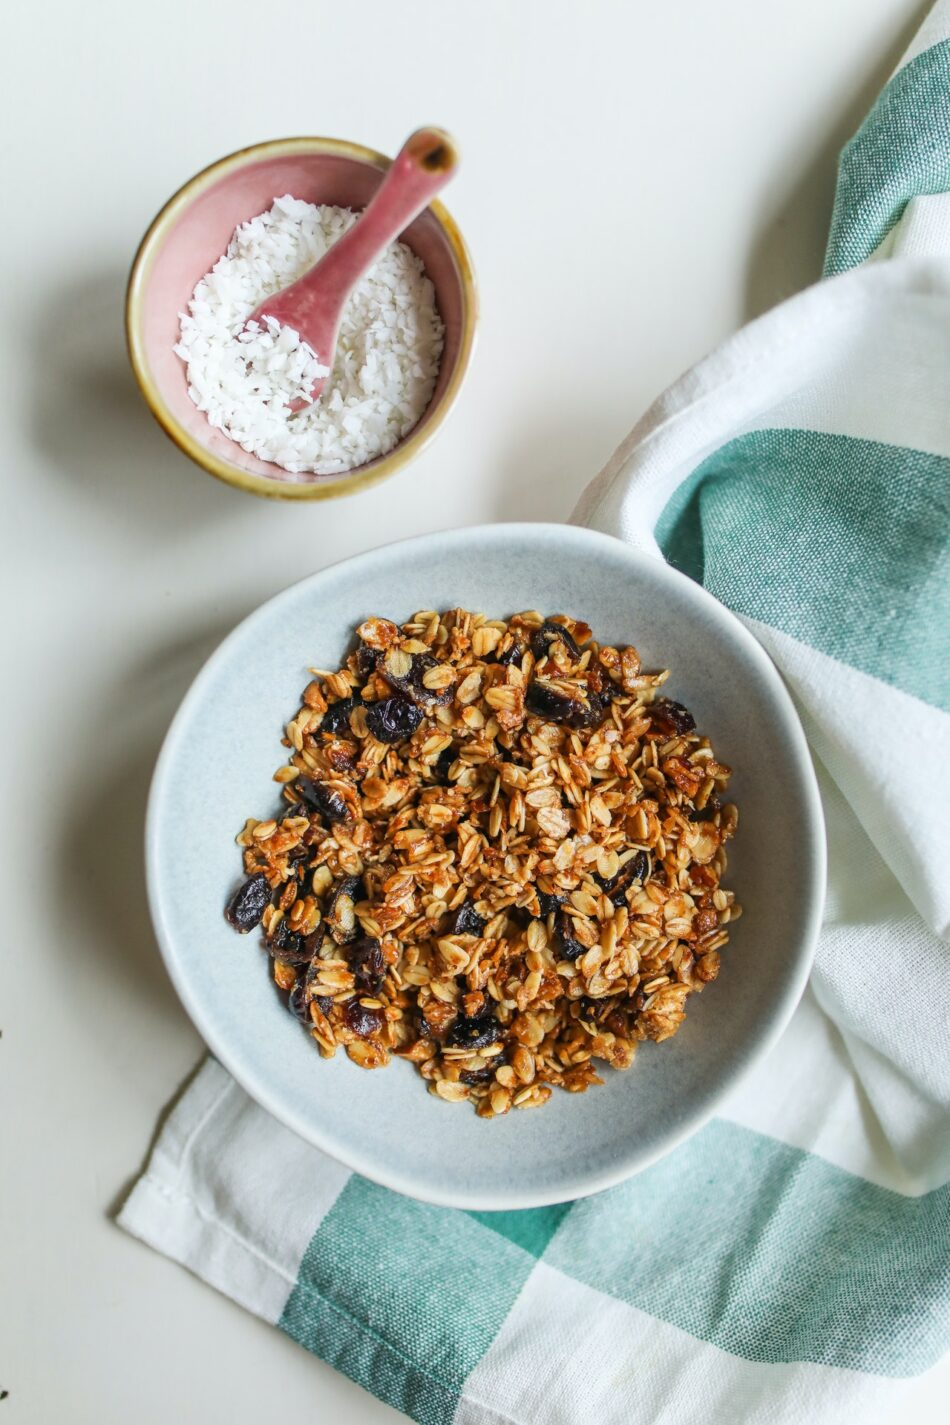 granola: το καλύτερο σπιτικό μούσλι – συνταγή